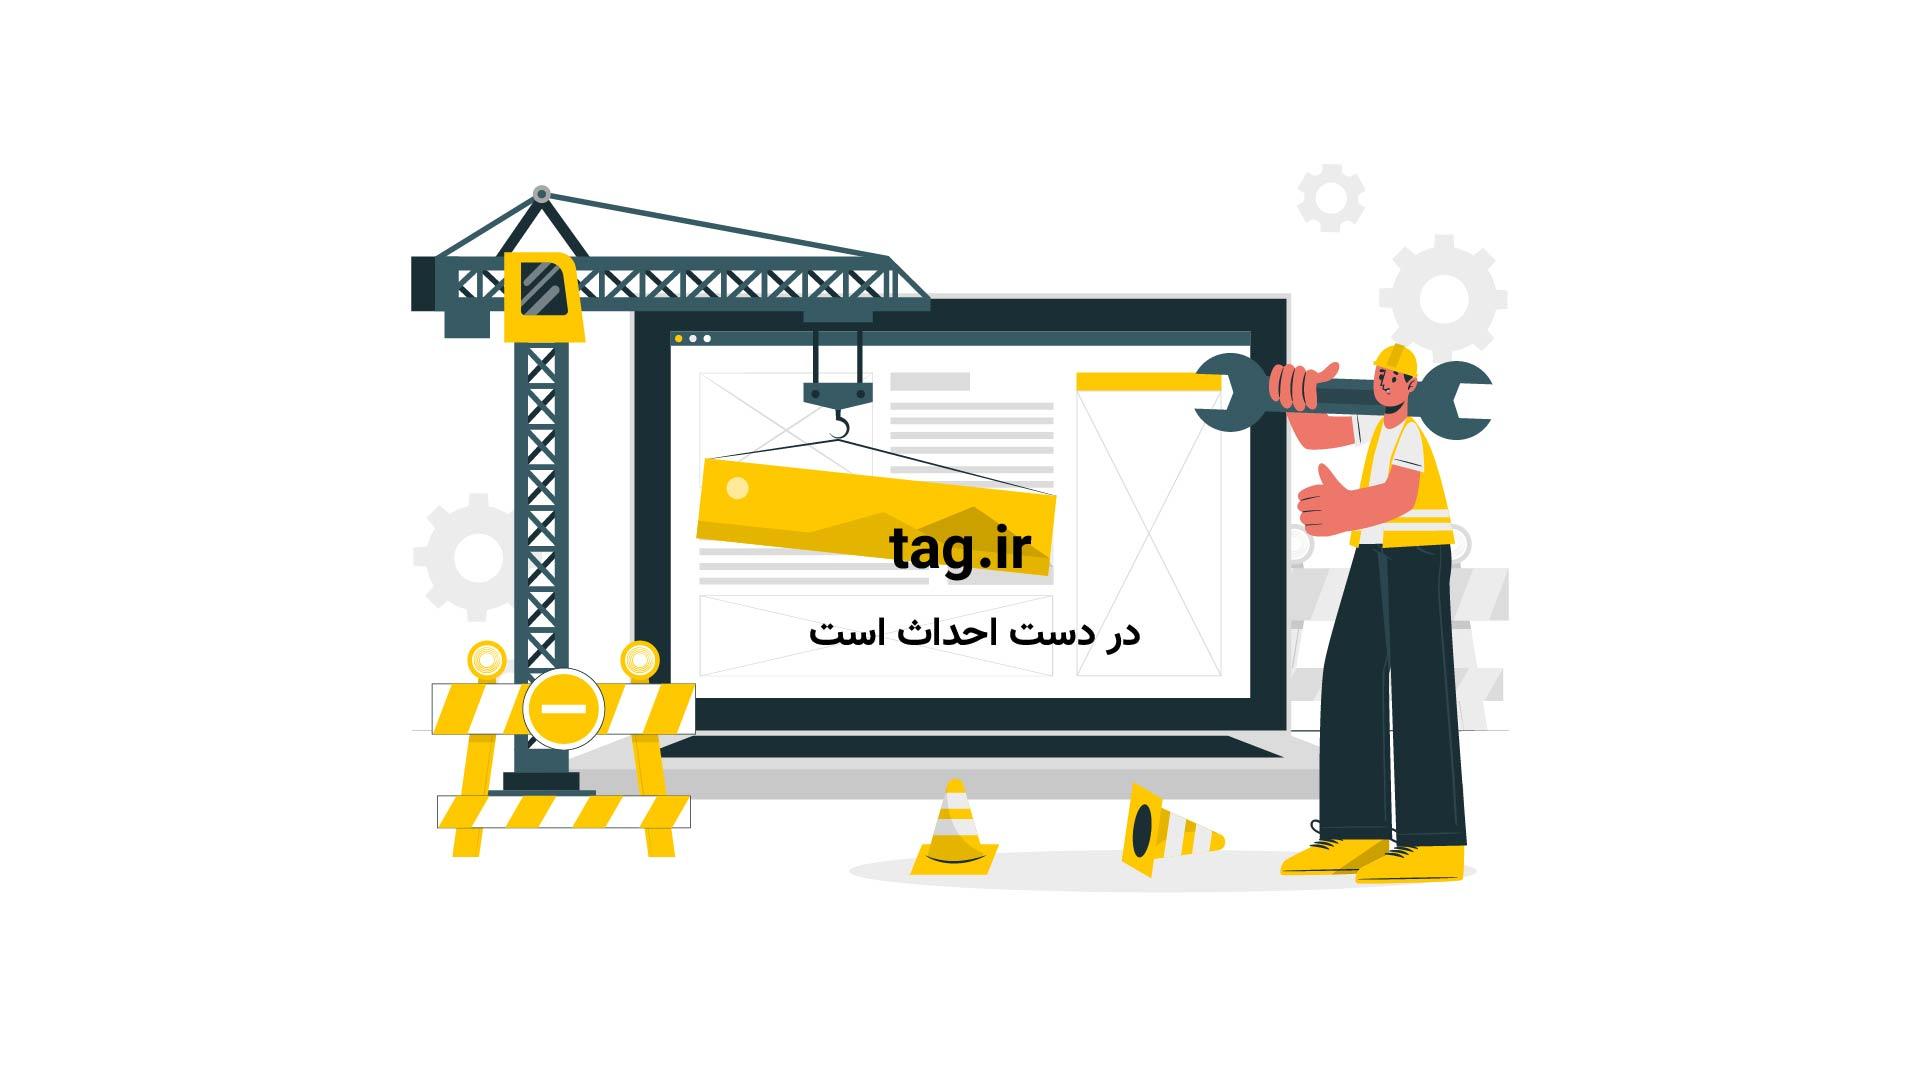 ربات-نخستین-عقاب | تگ